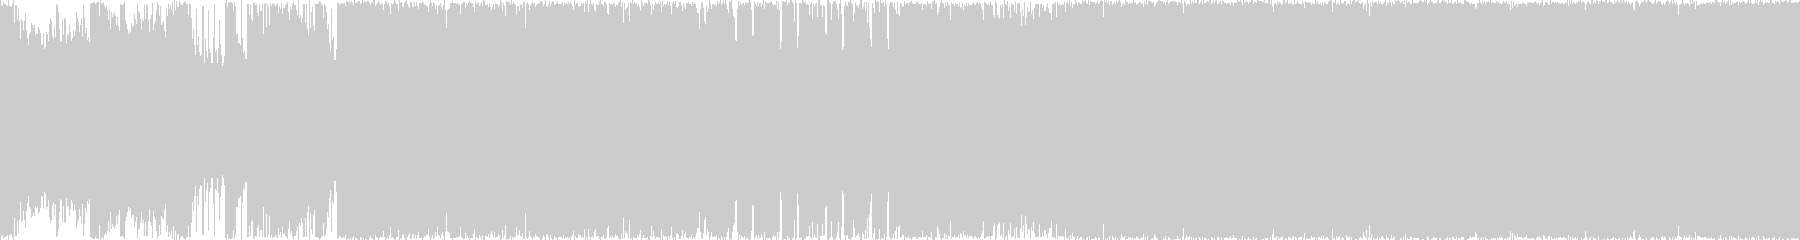 デジタルな熱いメタルロック BGM 戦闘の未再生の波形